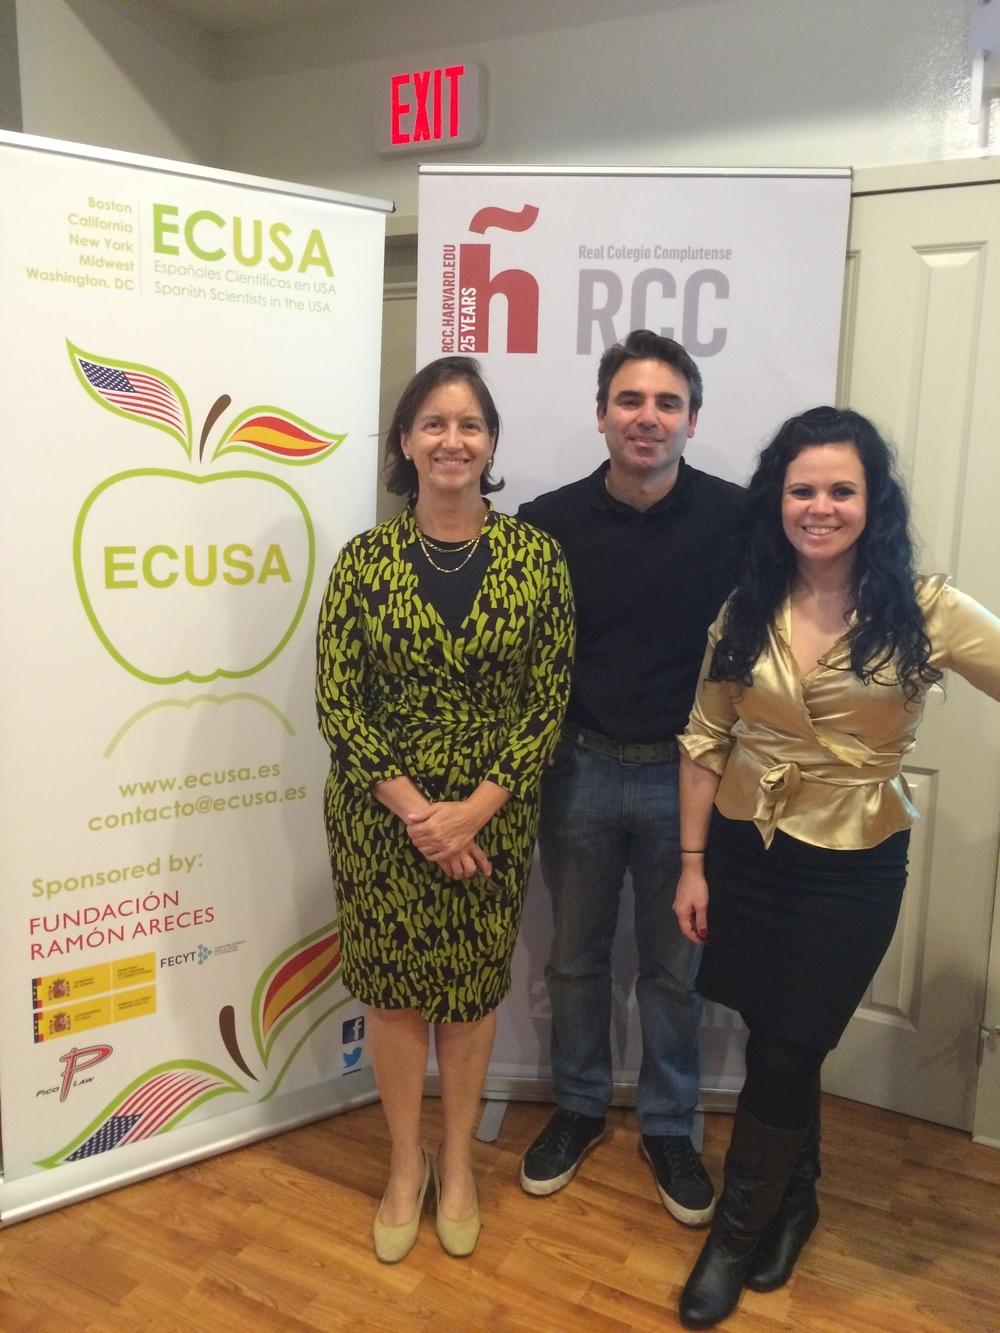 Dra Mariana Castells con dos de los miembros de la junta de ECUSA-Boston, Luis Olmos y María Soriano Carot.